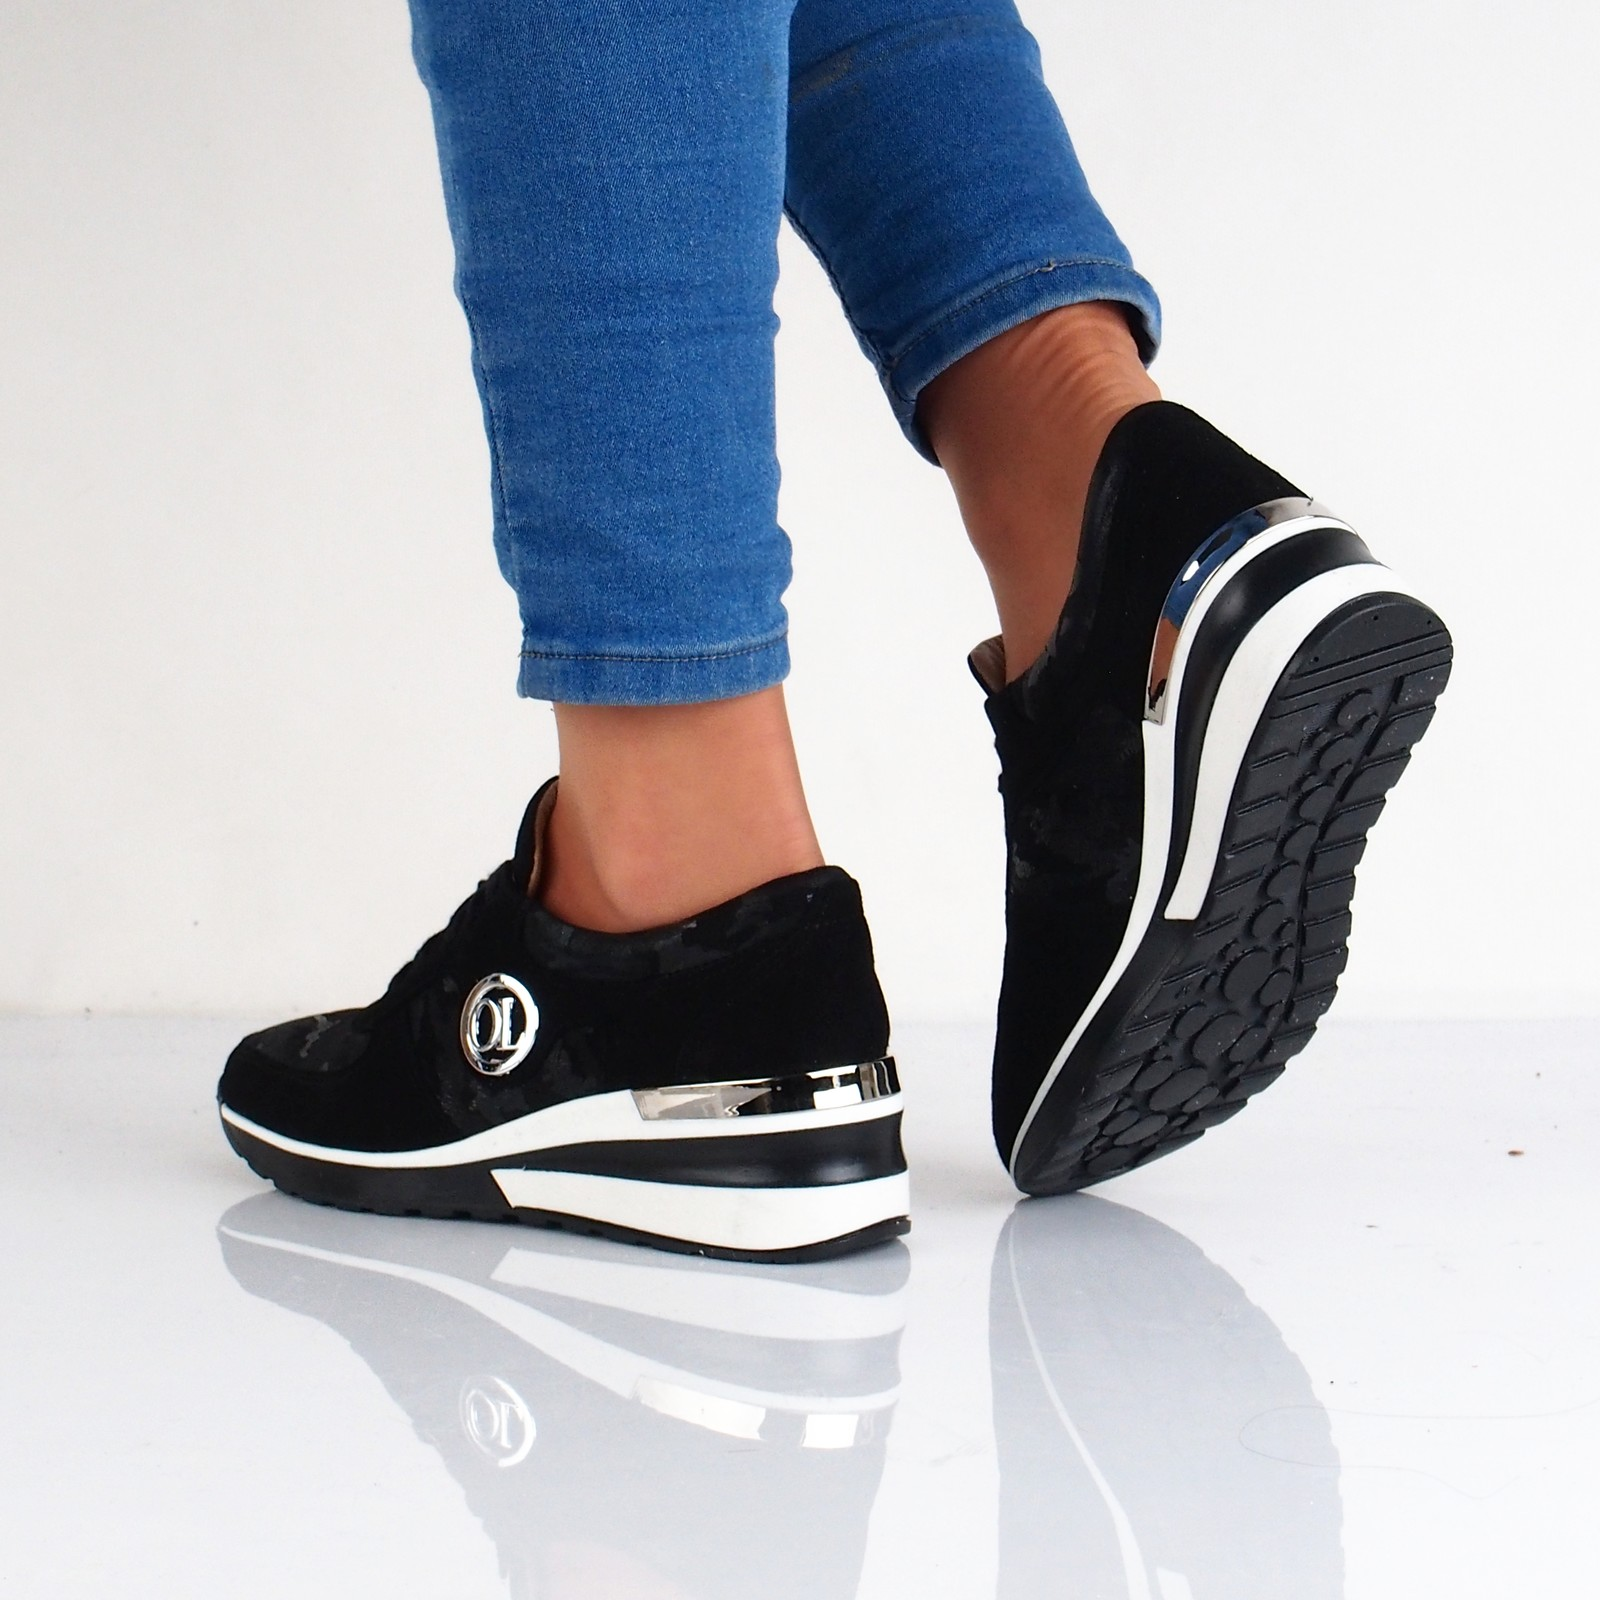 5cc01ad0c0 Olivia shoes dámske kožené tenisky na klinovej podrážke - čierne ...